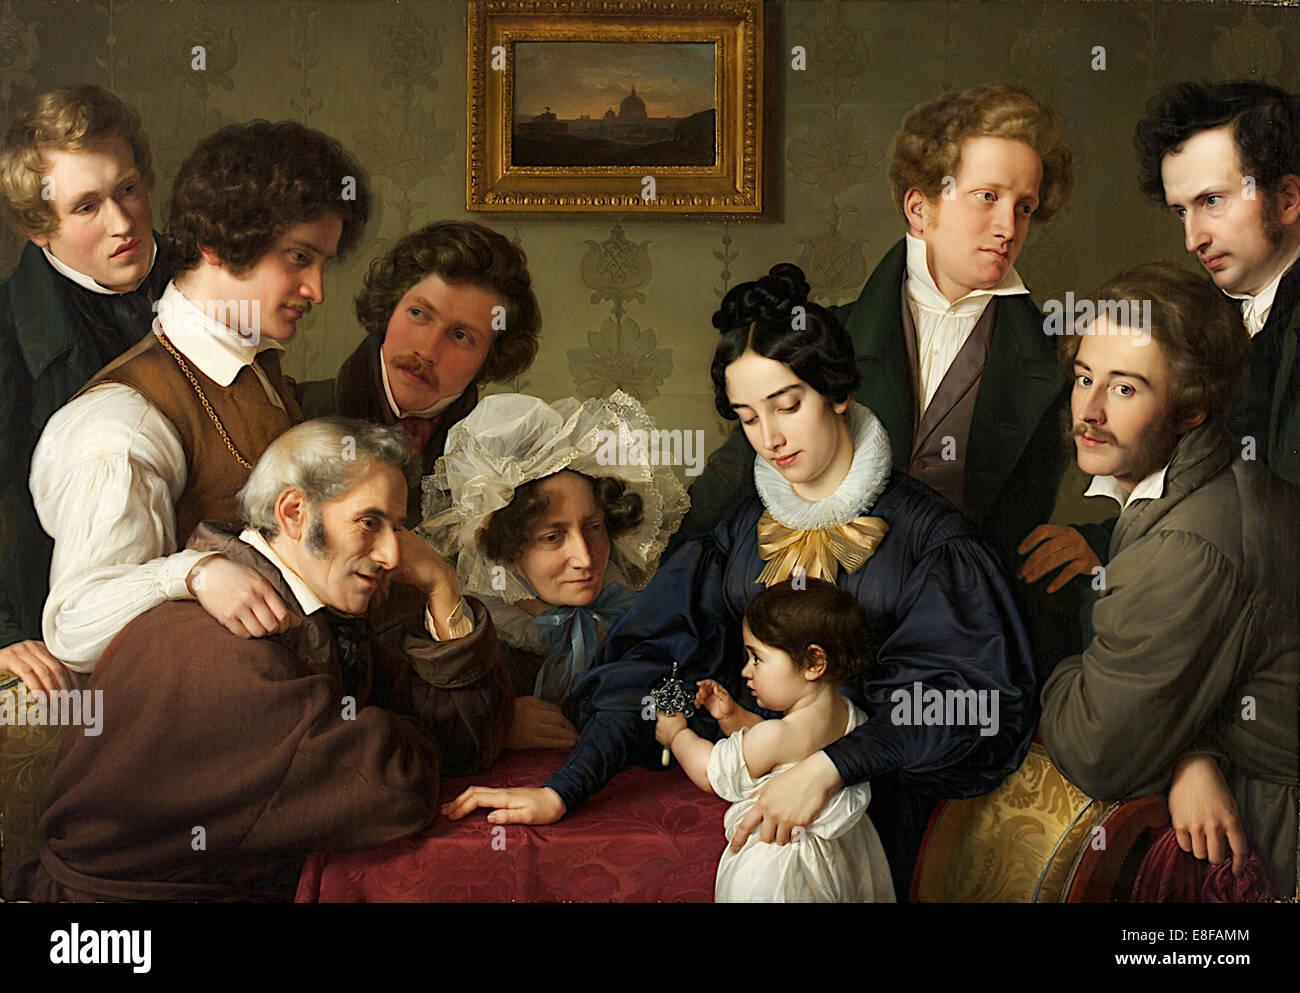 La Schadow Círculo. Bendemann (la familia y sus amigos). Artista: Bendemann, Eduard (1811-1889) Foto de stock